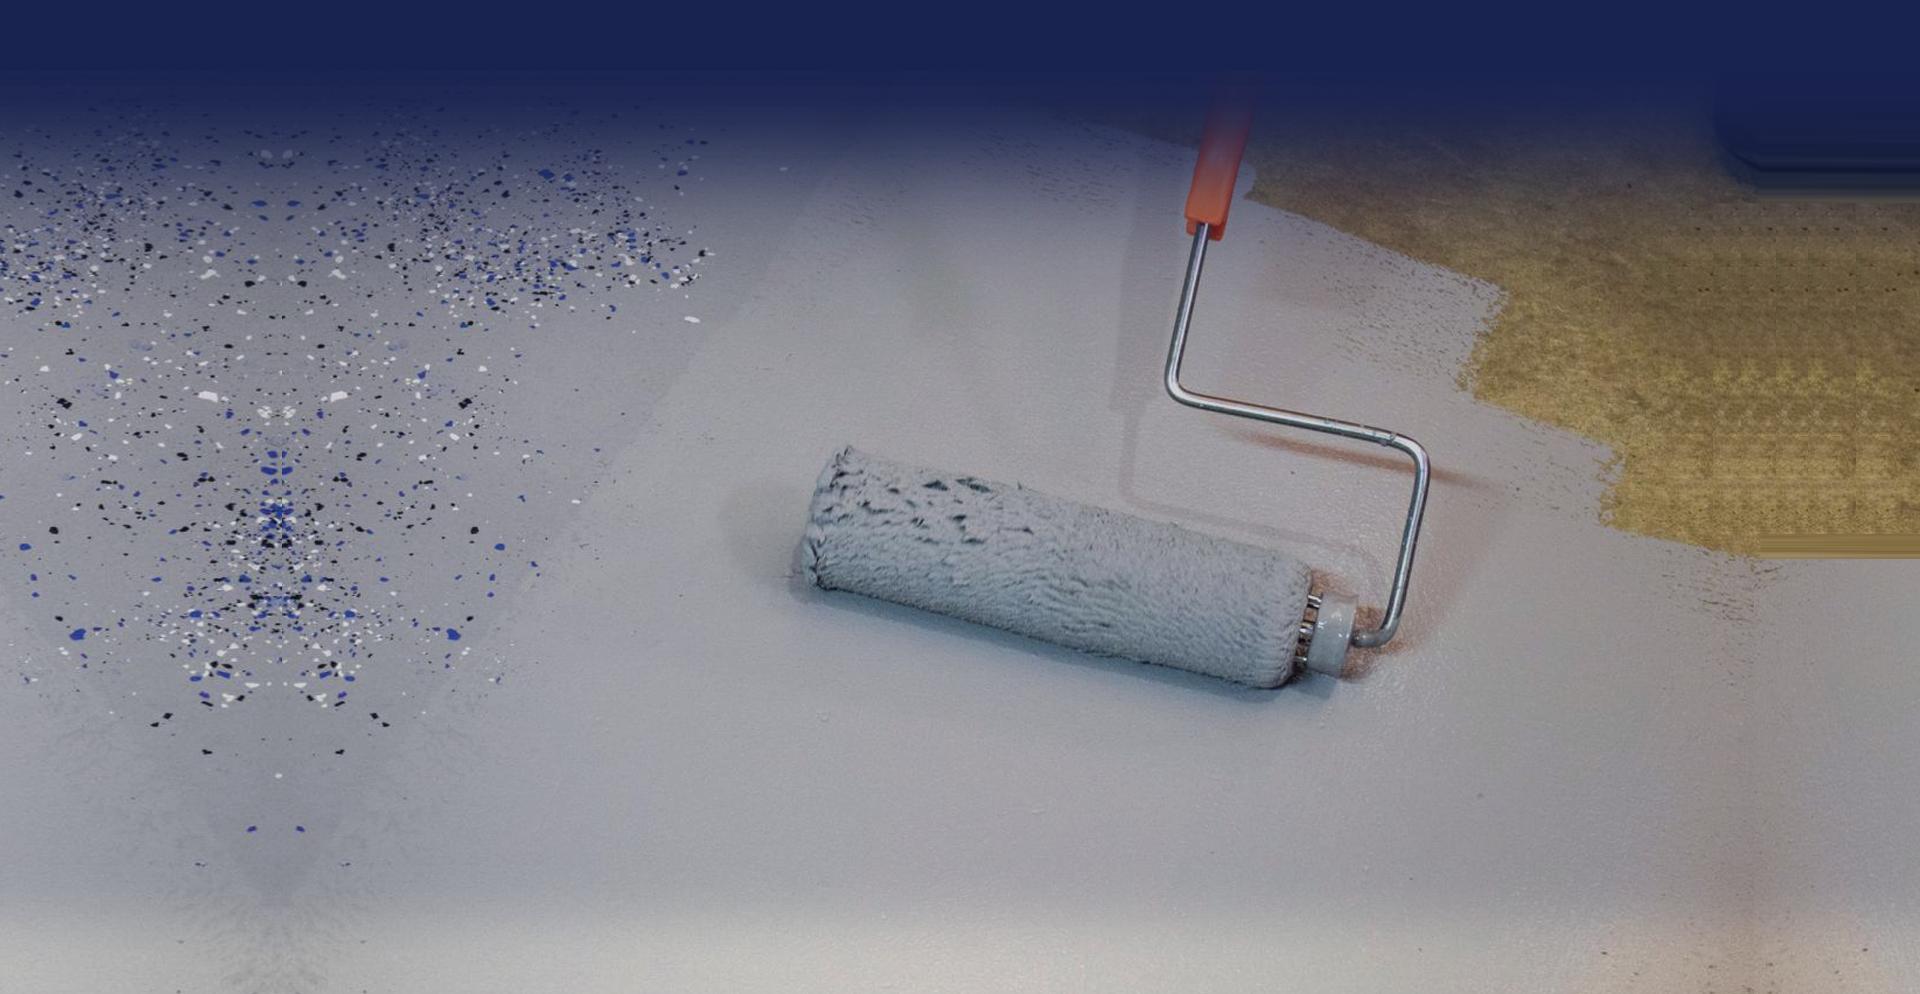 溶剤ベースのエポキシ床コーティングKERASEALADO20